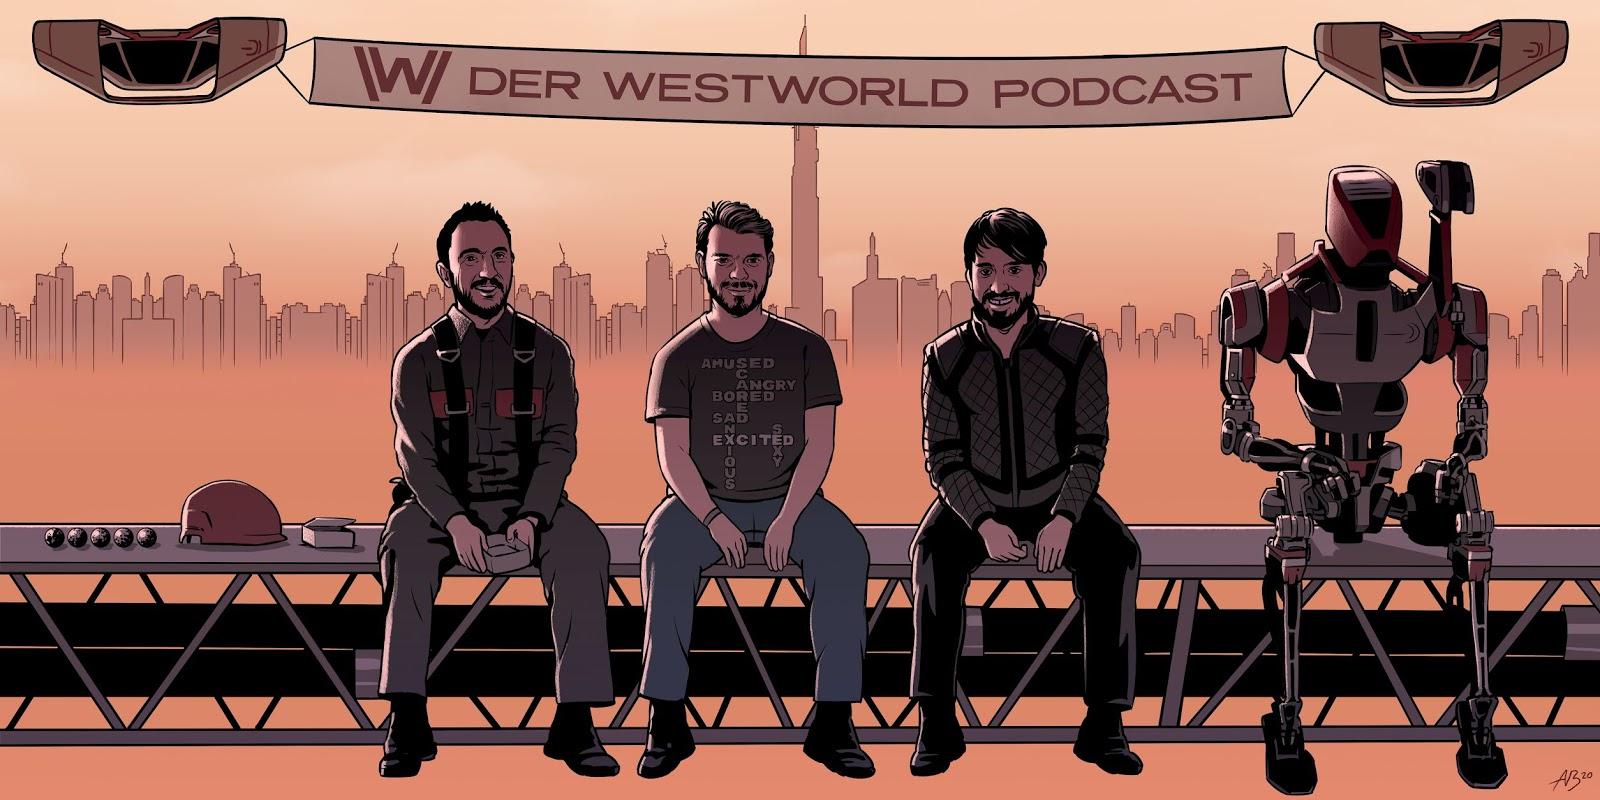 stuff der westworld podcast season